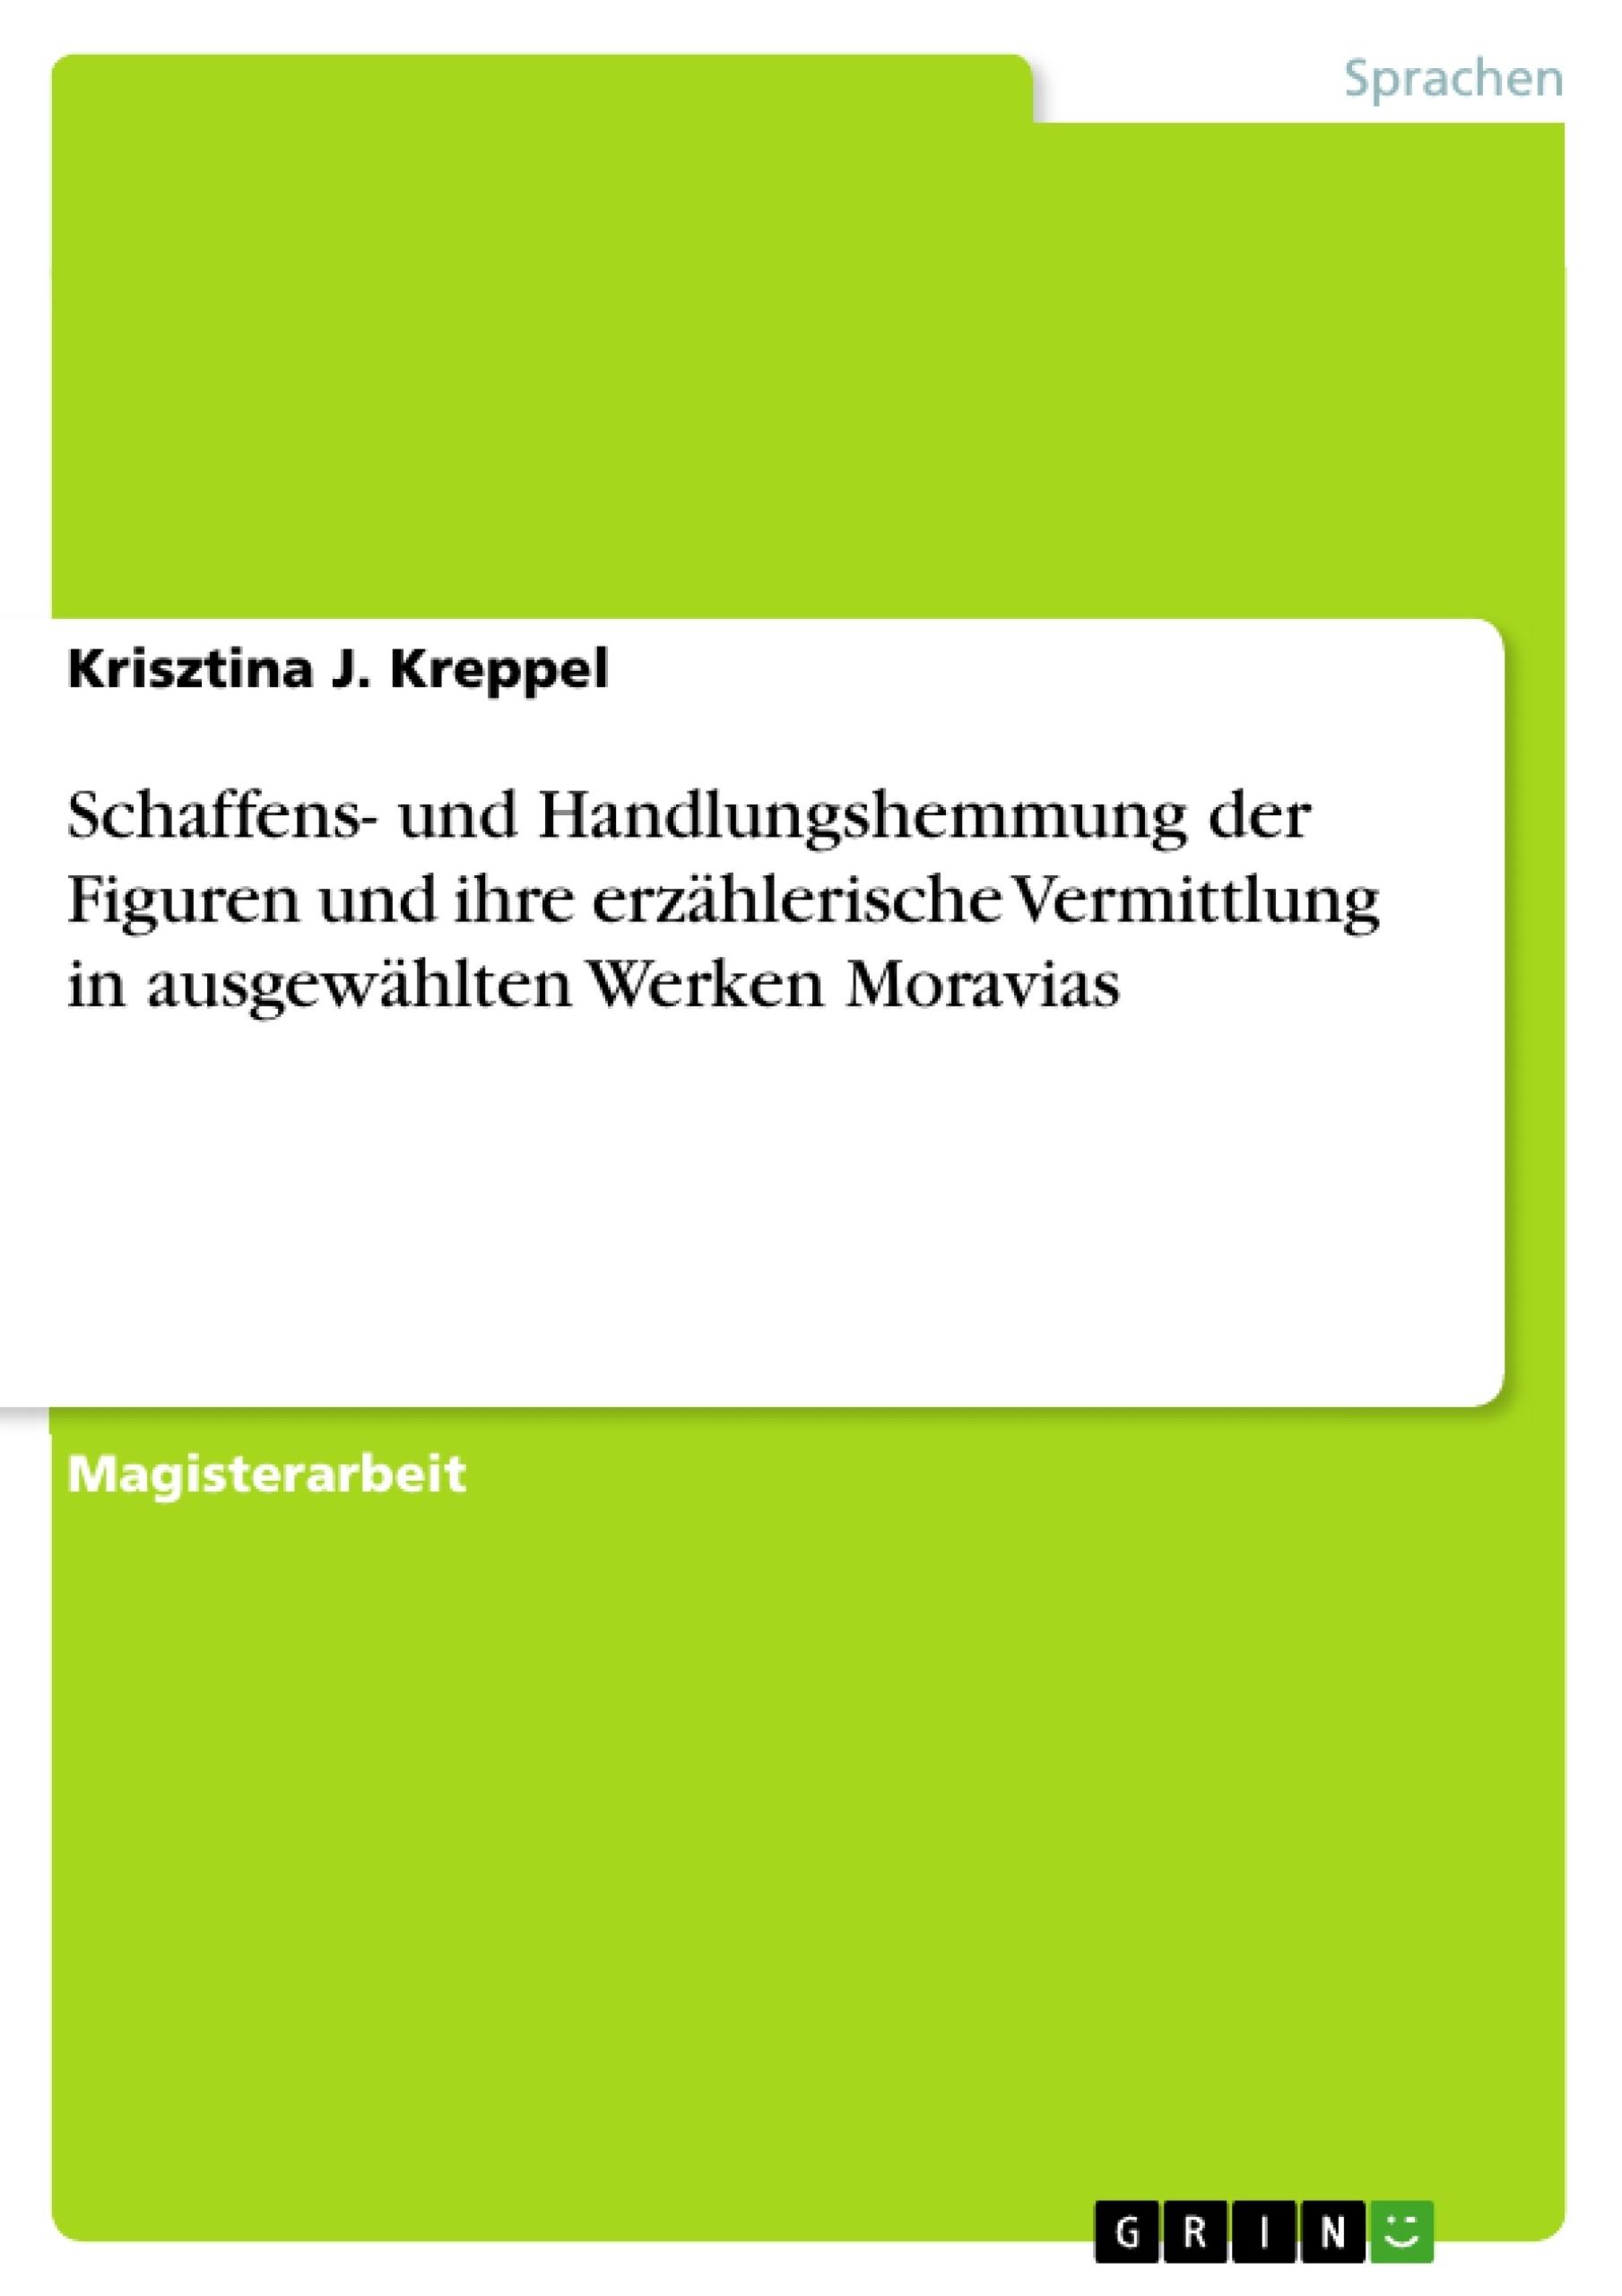 Titel: Schaffens- und Handlungshemmung der Figuren und ihre erzählerische Vermittlung in ausgewählten Werken Moravias